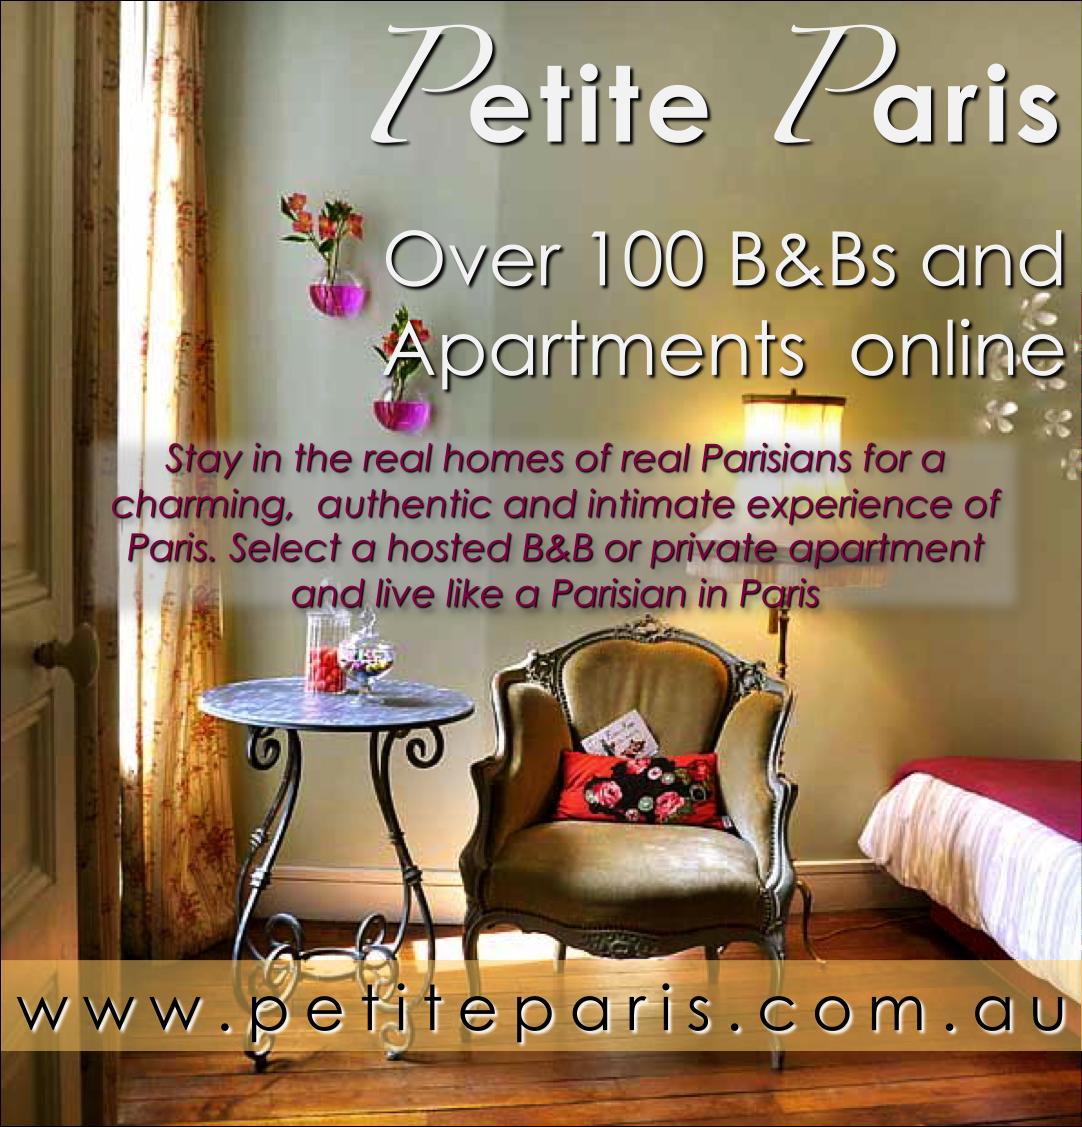 www.petiteparis.com.au